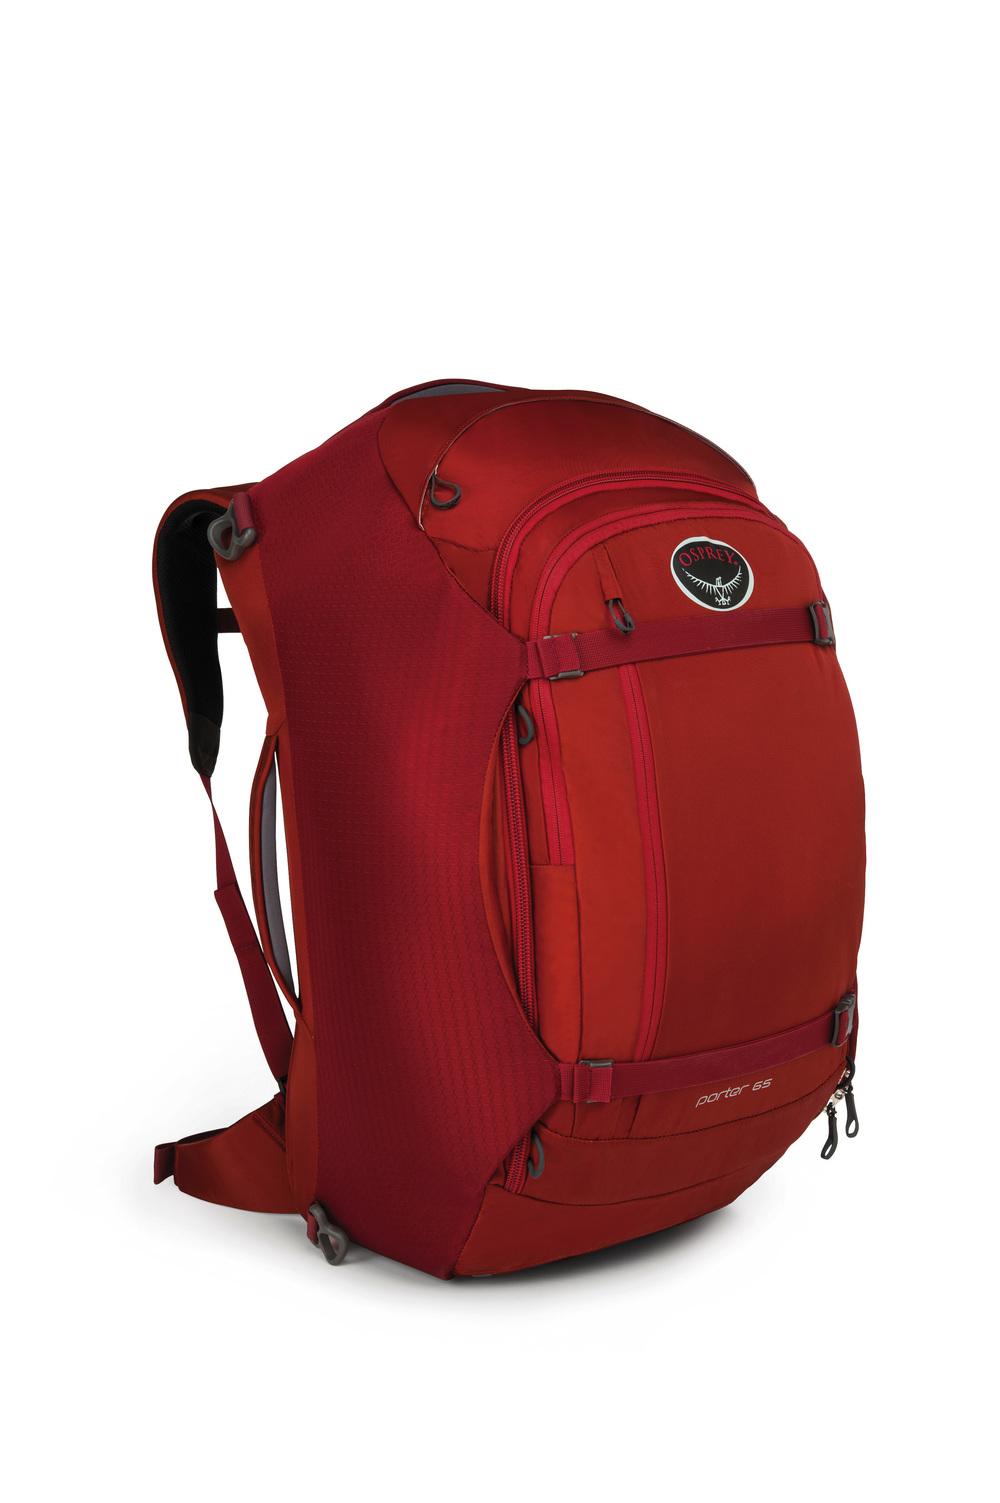 Porter 65 red.jpg